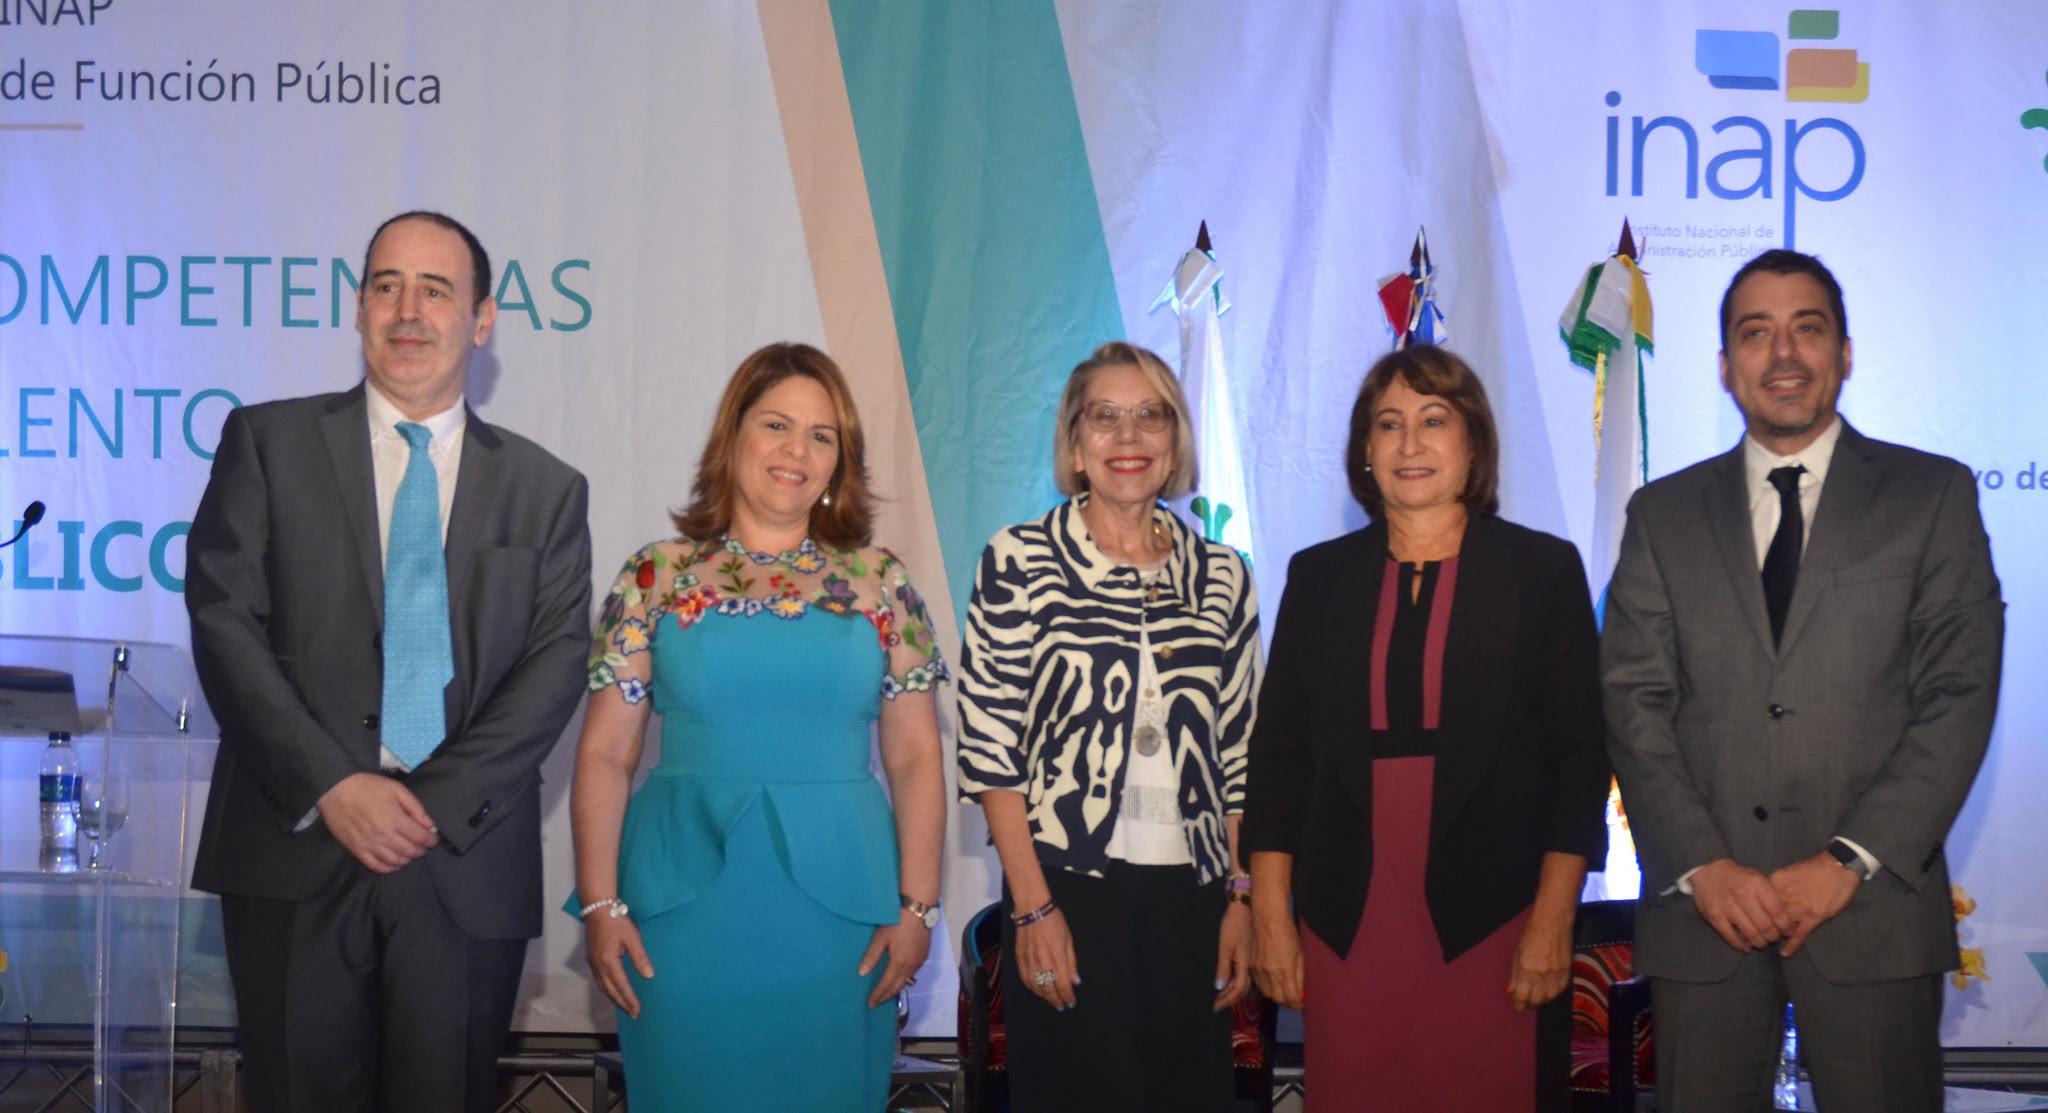 , INAP: 19 años fortaleciendo las competencias de los servidores públicos